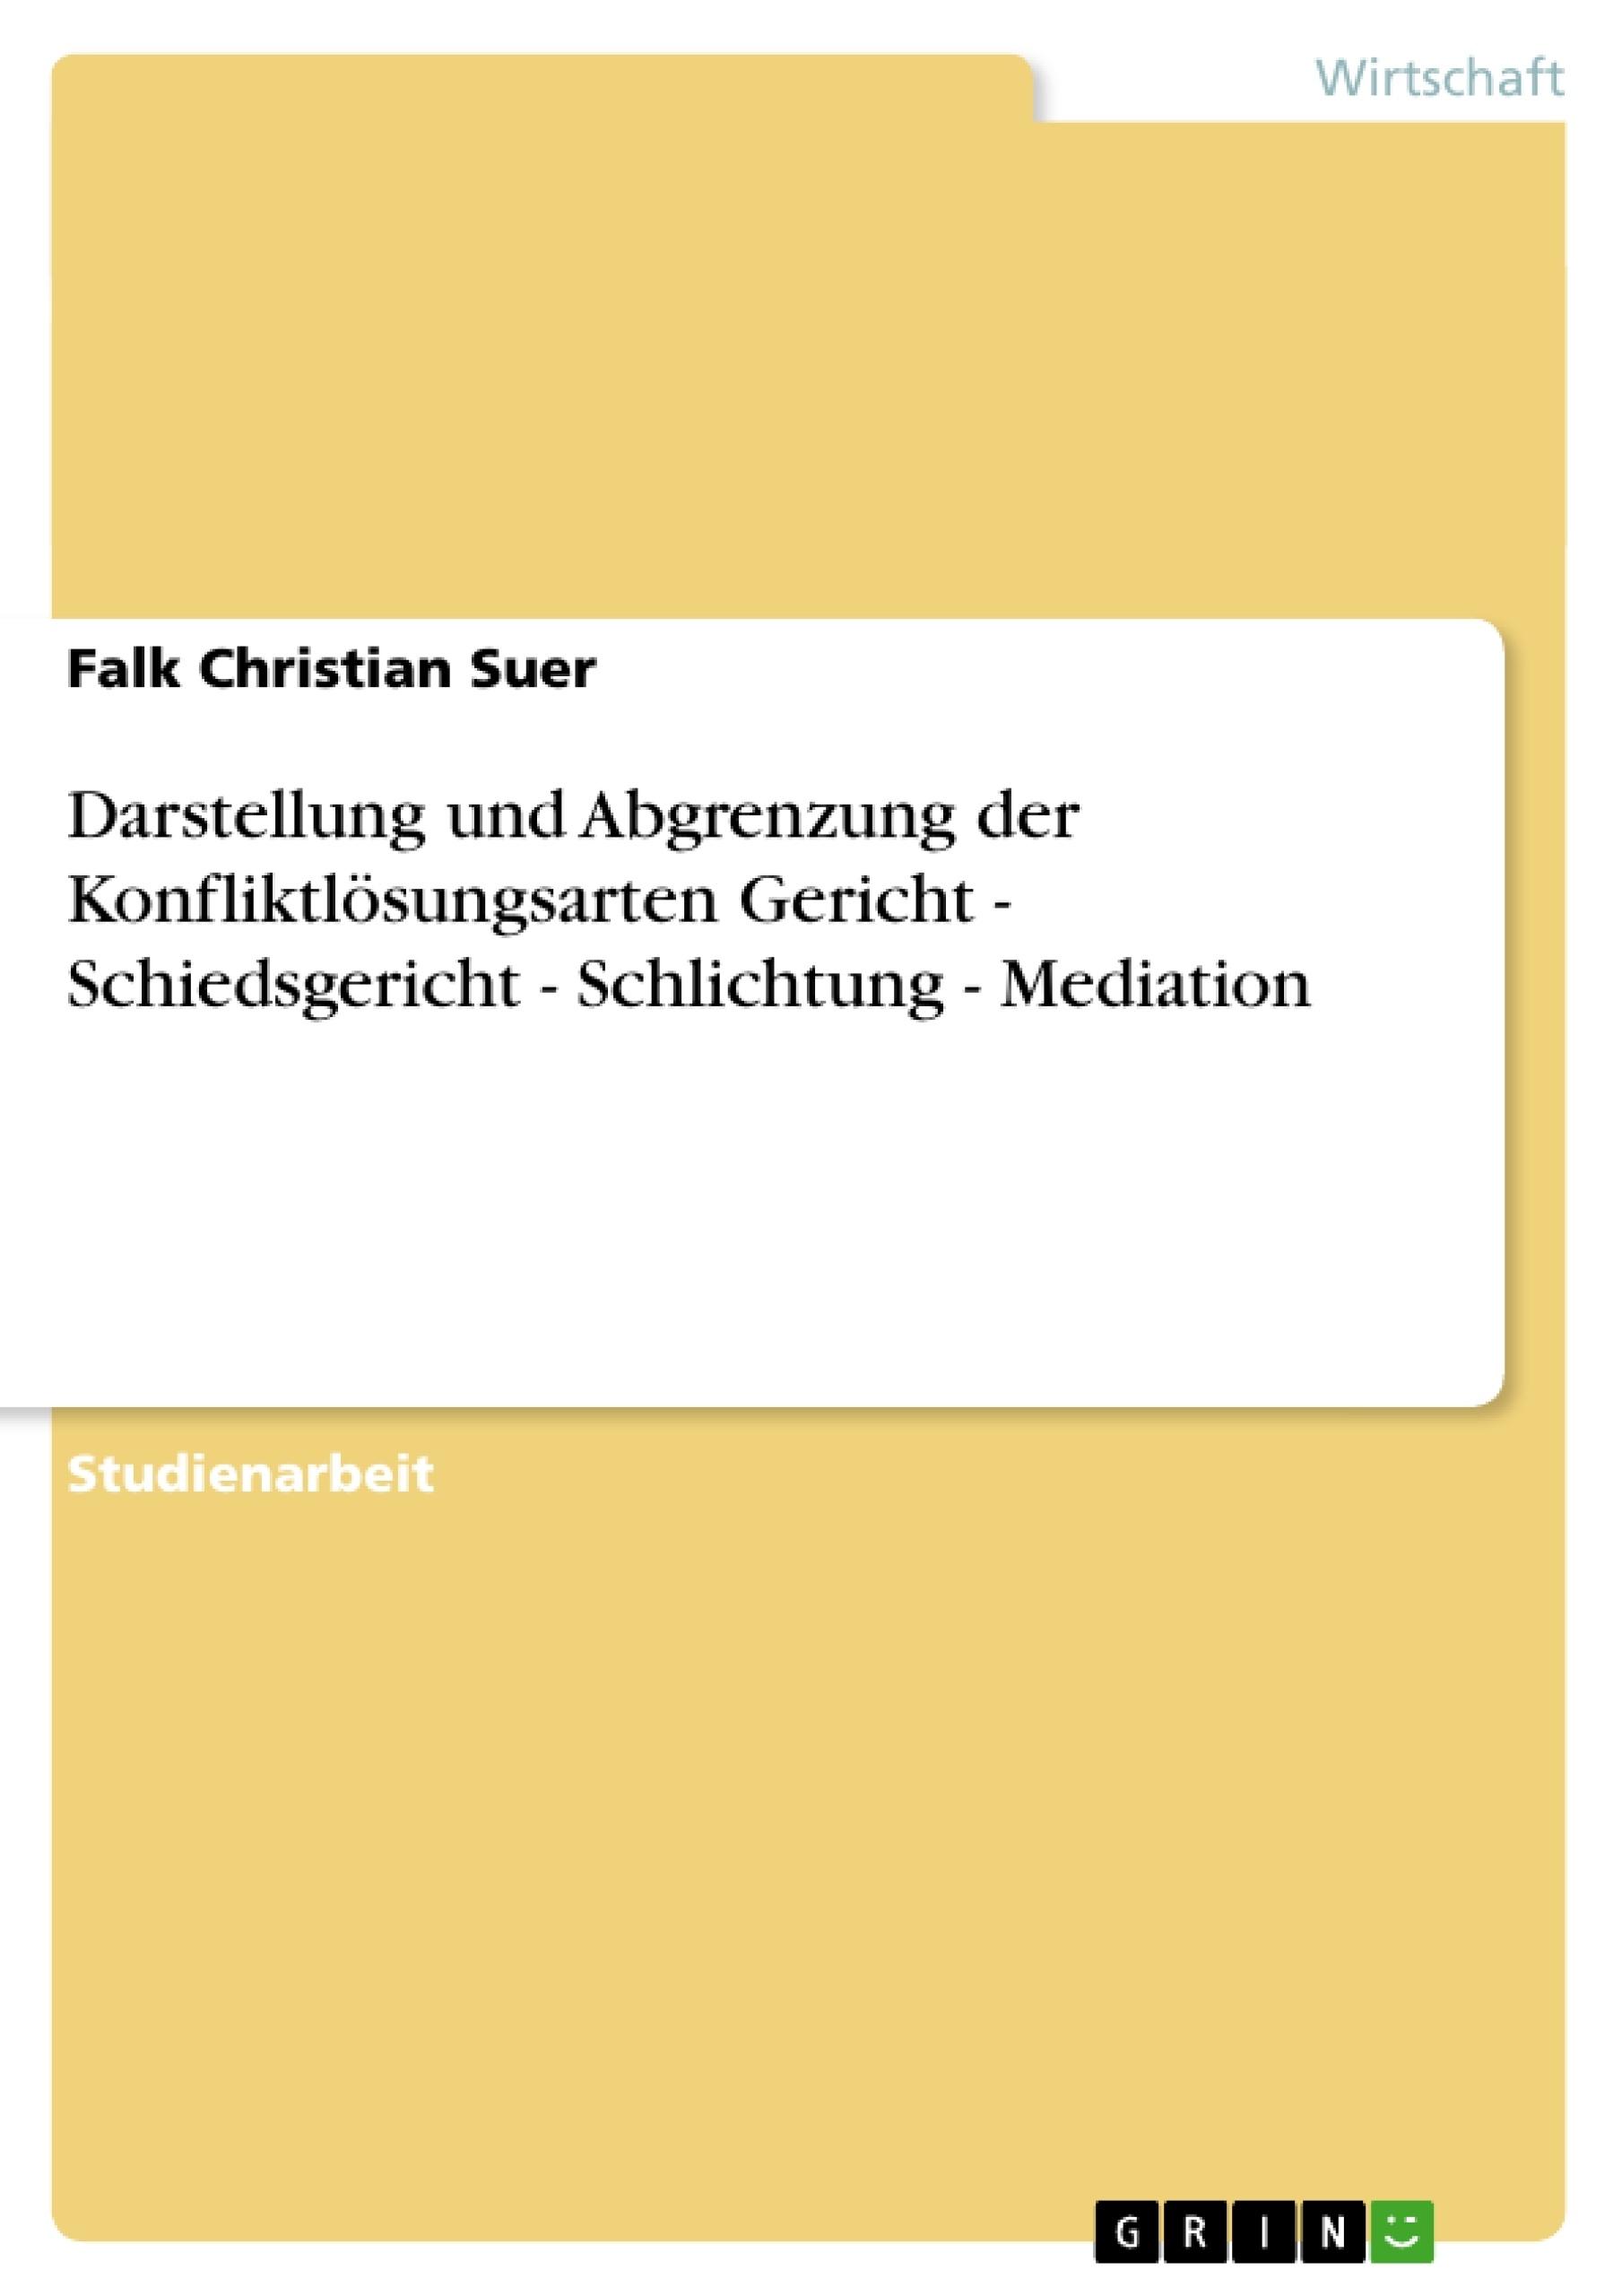 Titel: Darstellung und Abgrenzung der Konfliktlösungsarten Gericht - Schiedsgericht - Schlichtung - Mediation